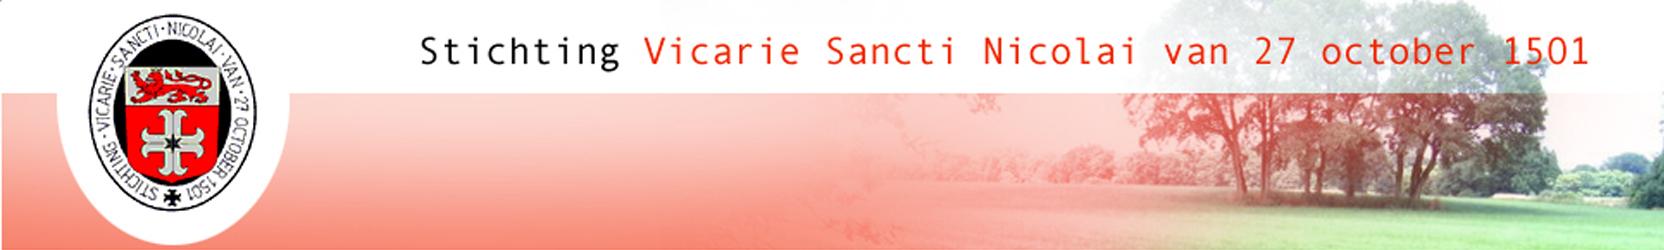 Stichting Vicarie Sancti Nicolai